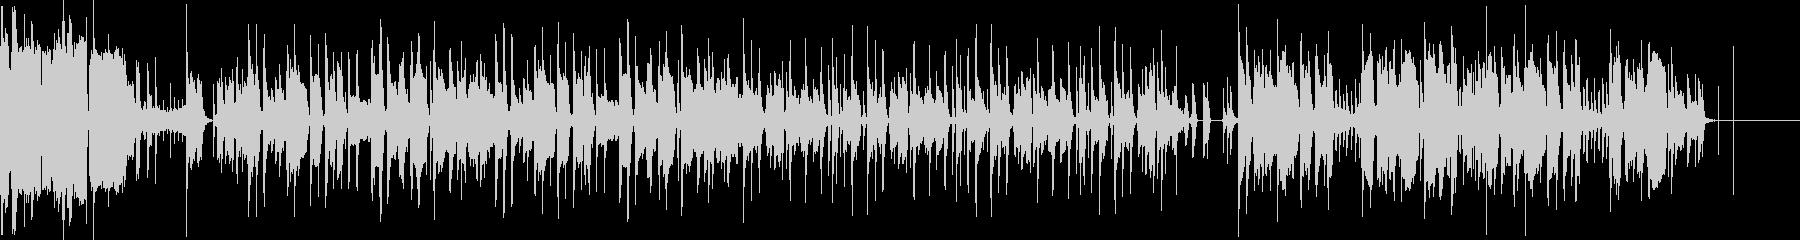 テンポにとらわれない機械音などが印象的の未再生の波形